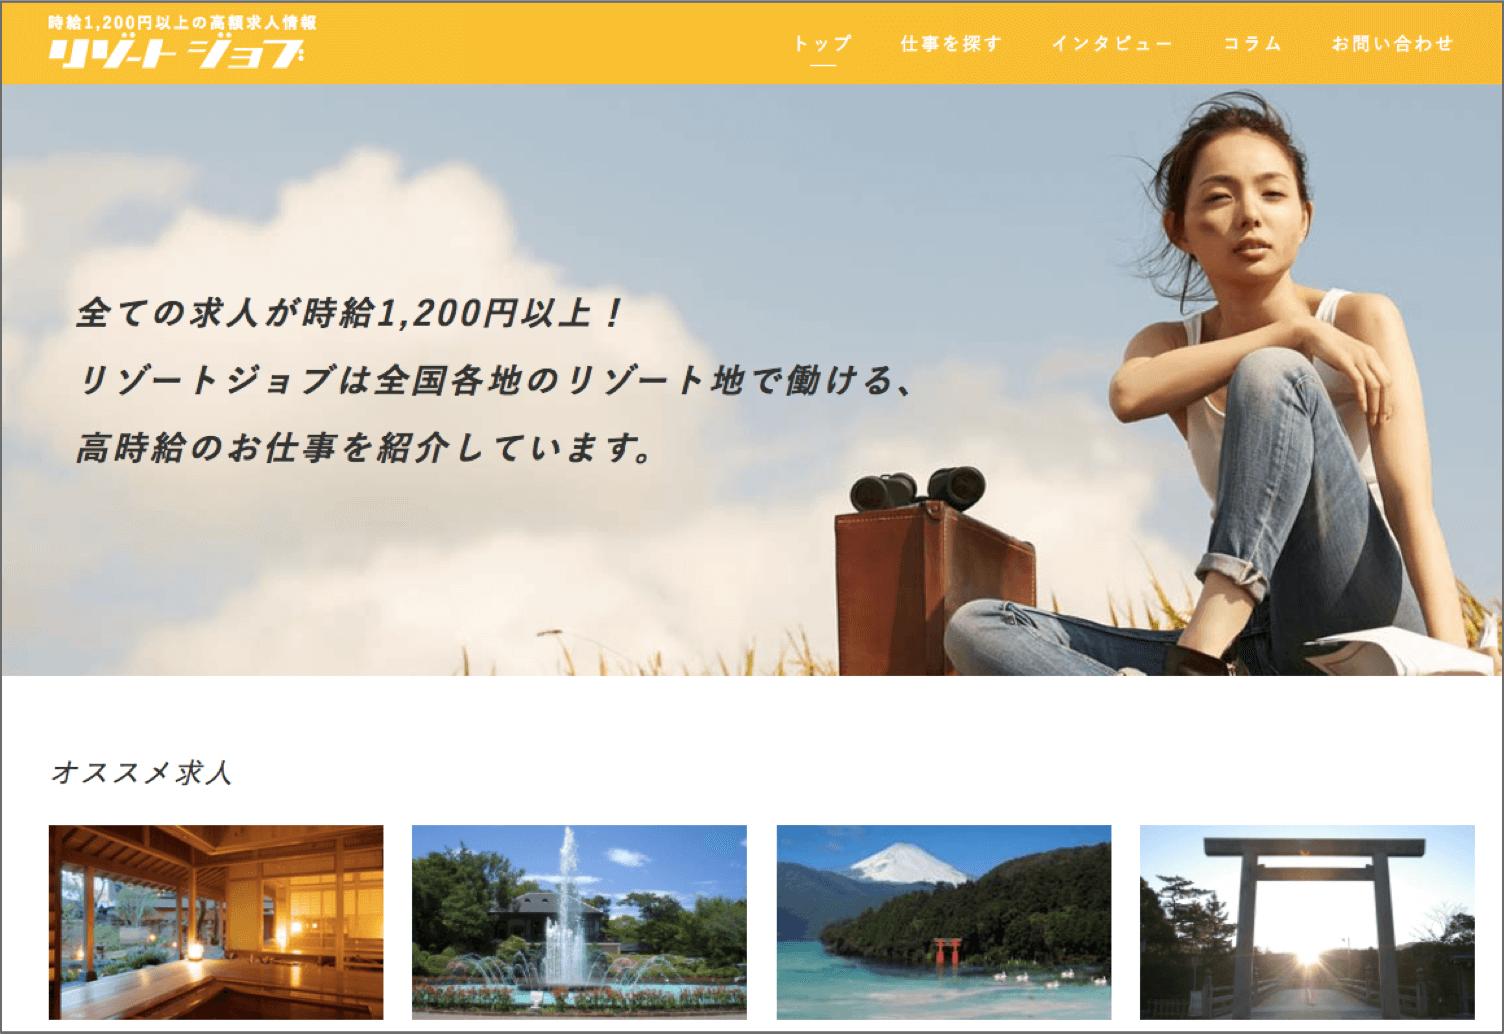 リゾートジョブ|リゾート施設専門求人サイト